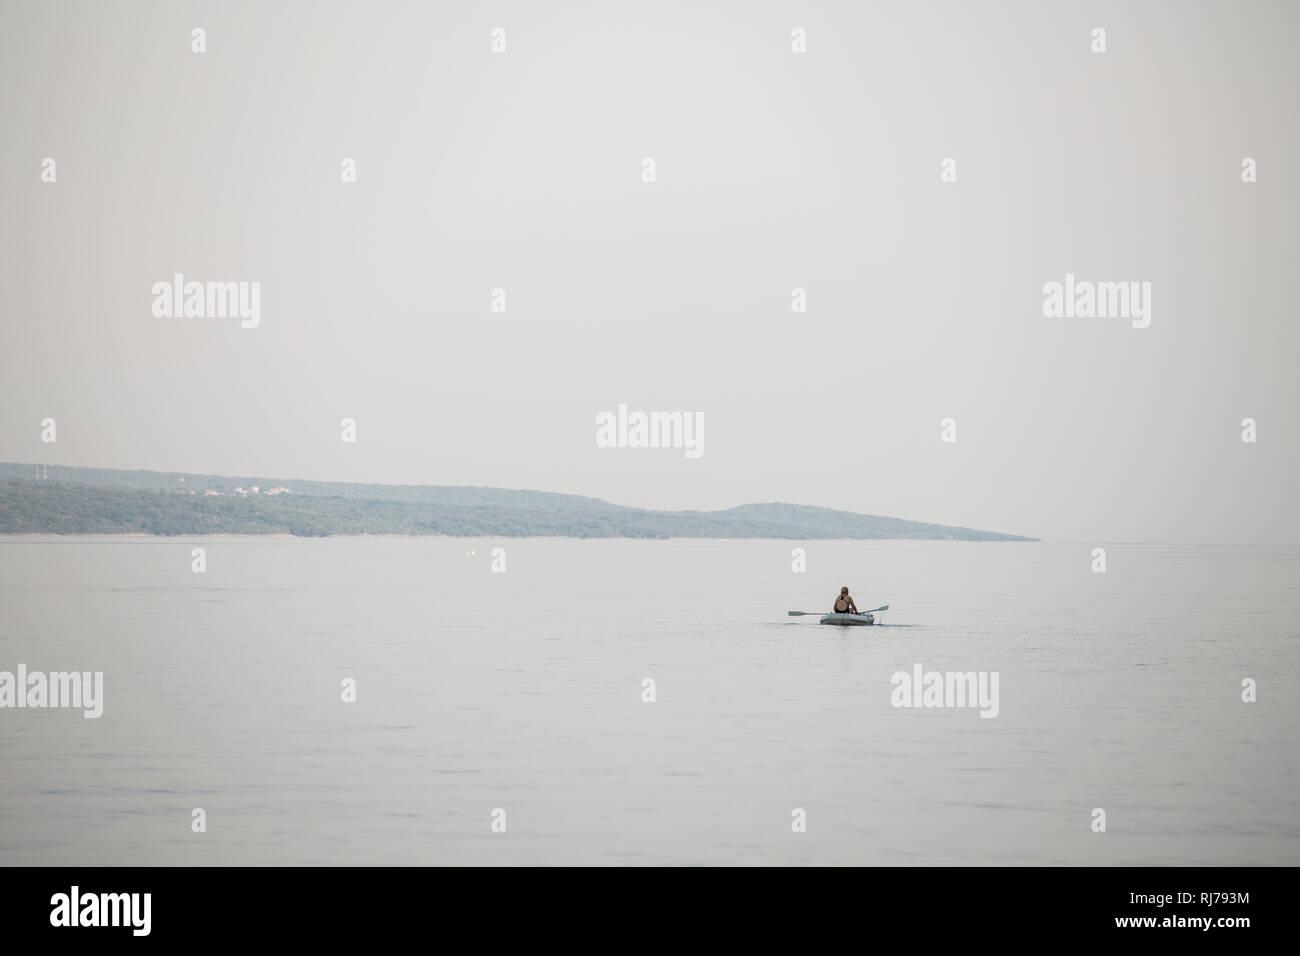 einzelnes Schlauchboot auf dem Wasser - Stock Image